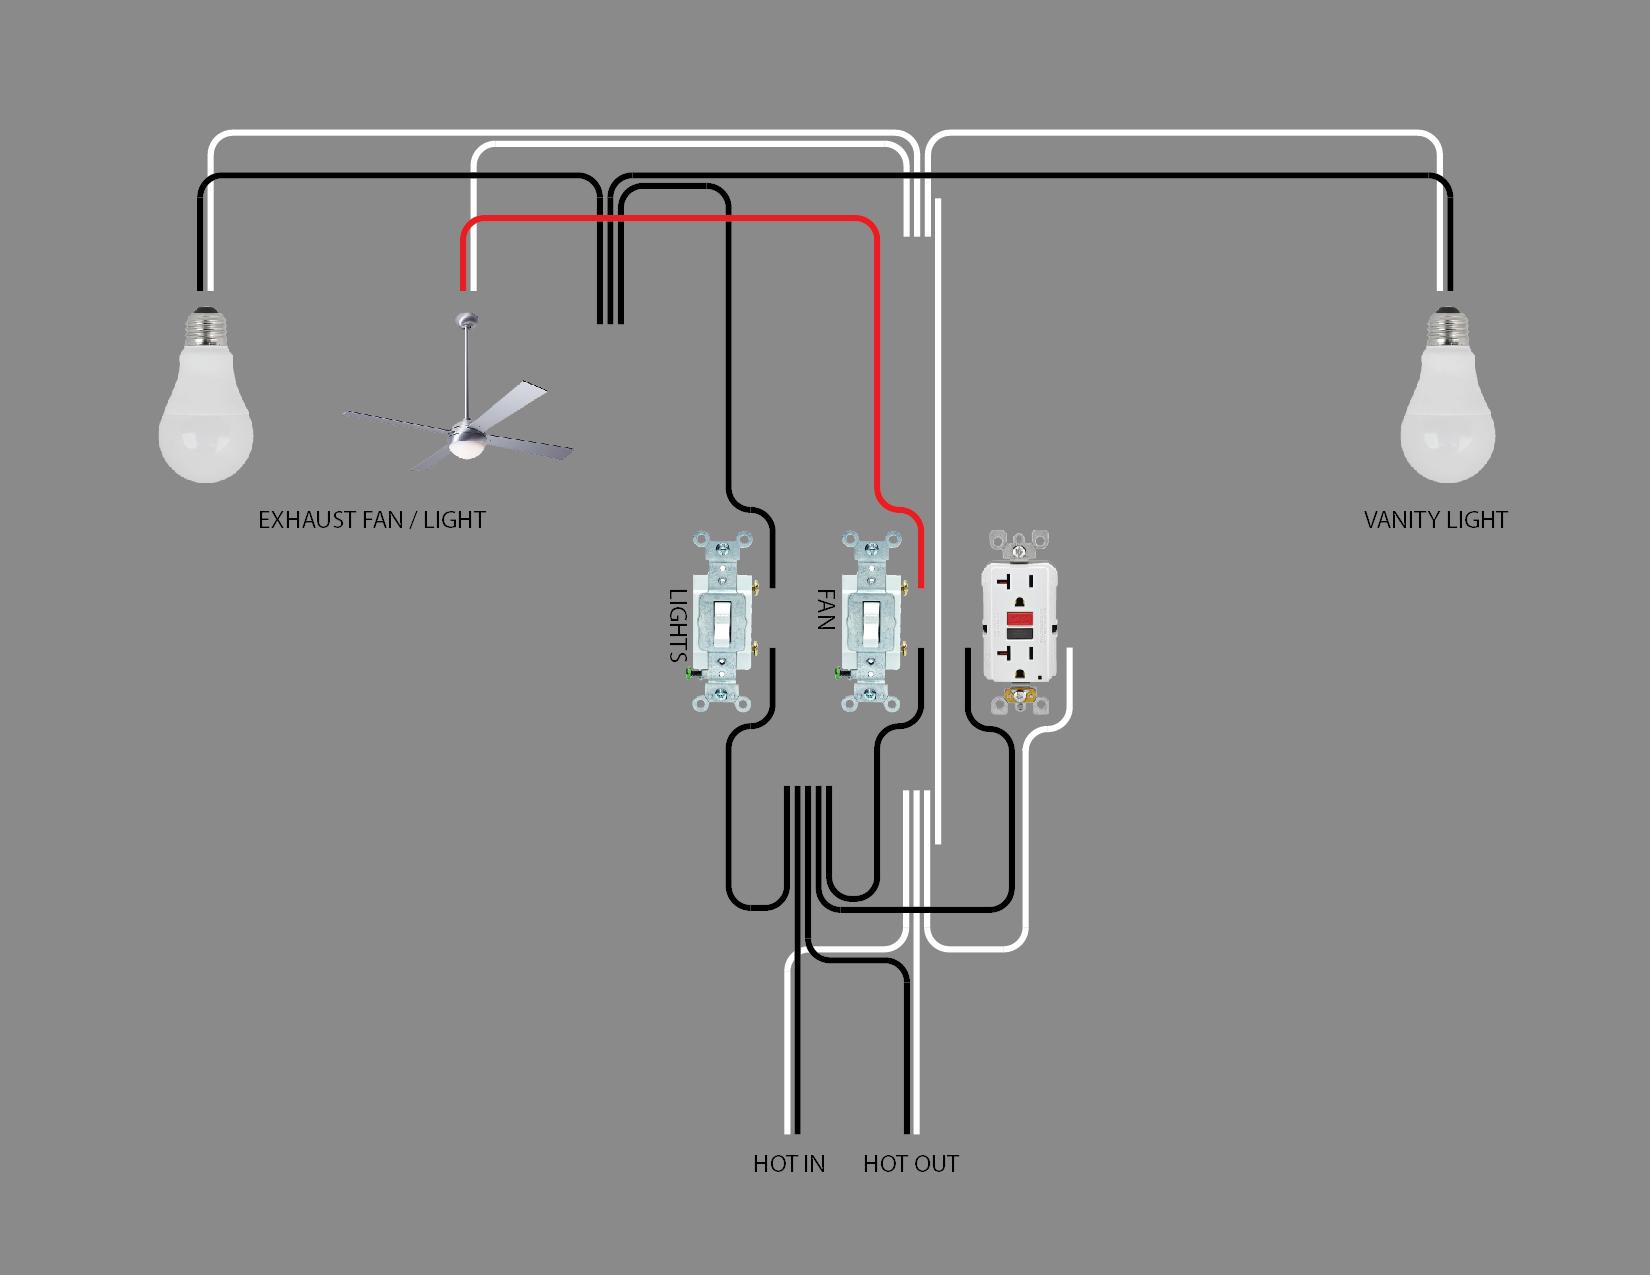 Bathroom Lighting Wiring Diagram-wiring-diagram.jpg